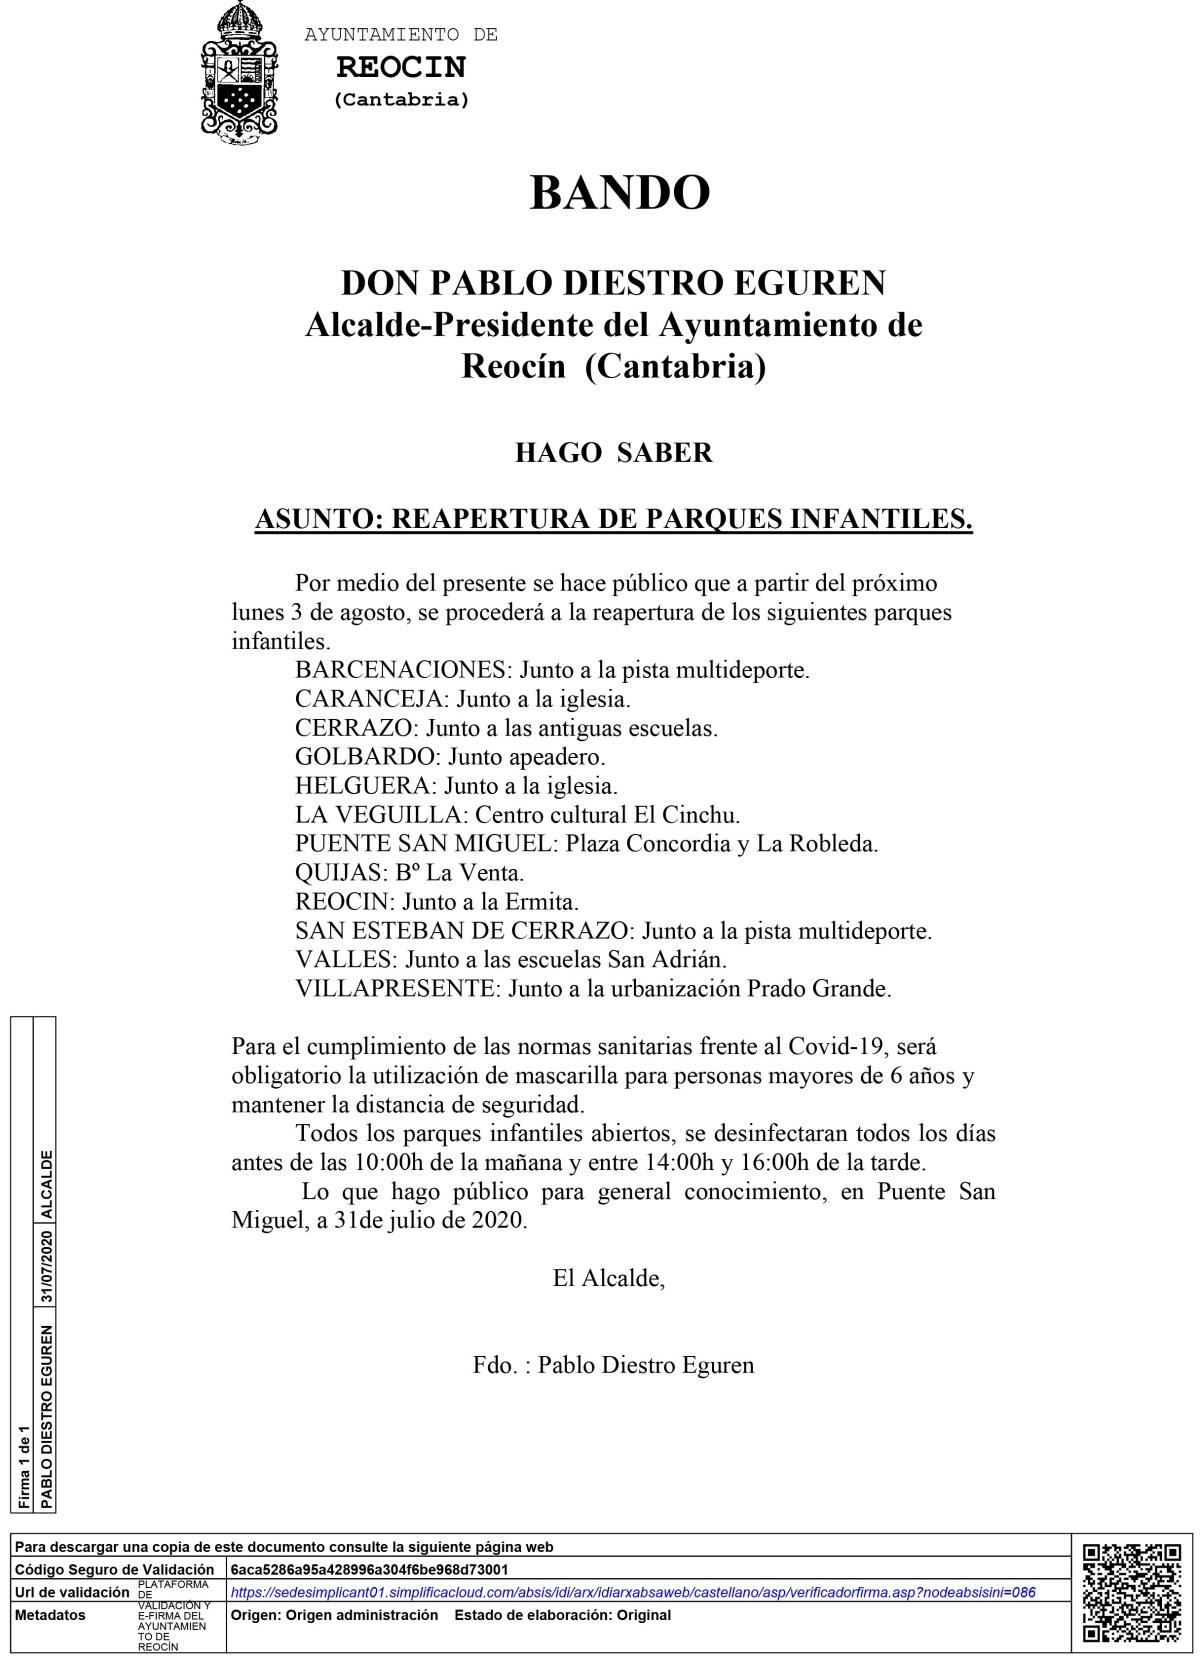 BANDO REAPERTURA PARQUES